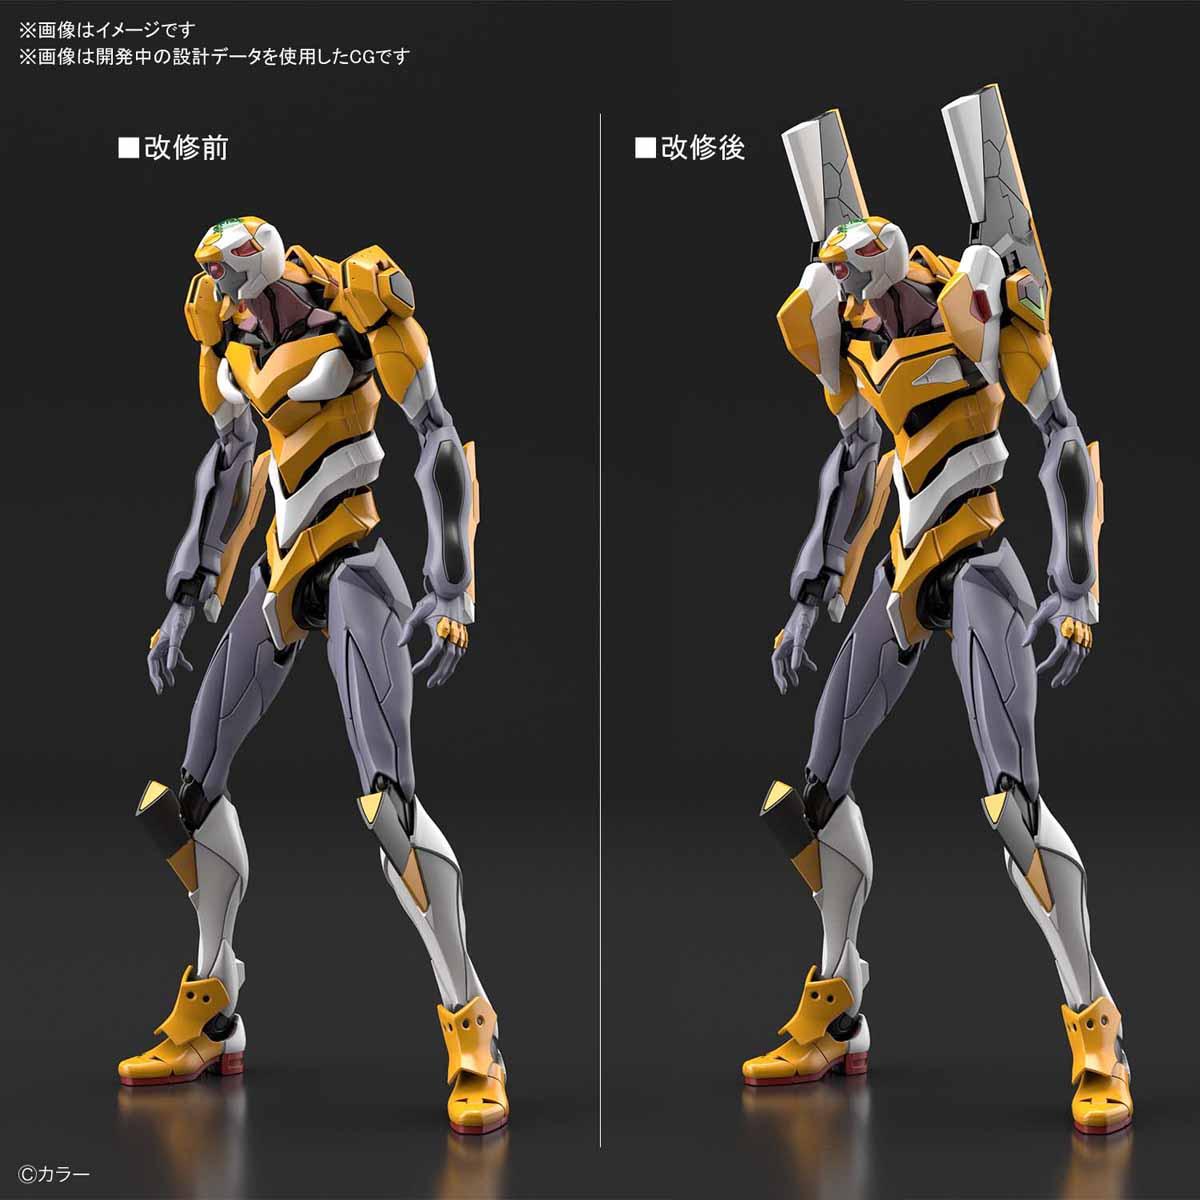 RG 通用人型決戰兵器 人造人 EVA 試作零號機